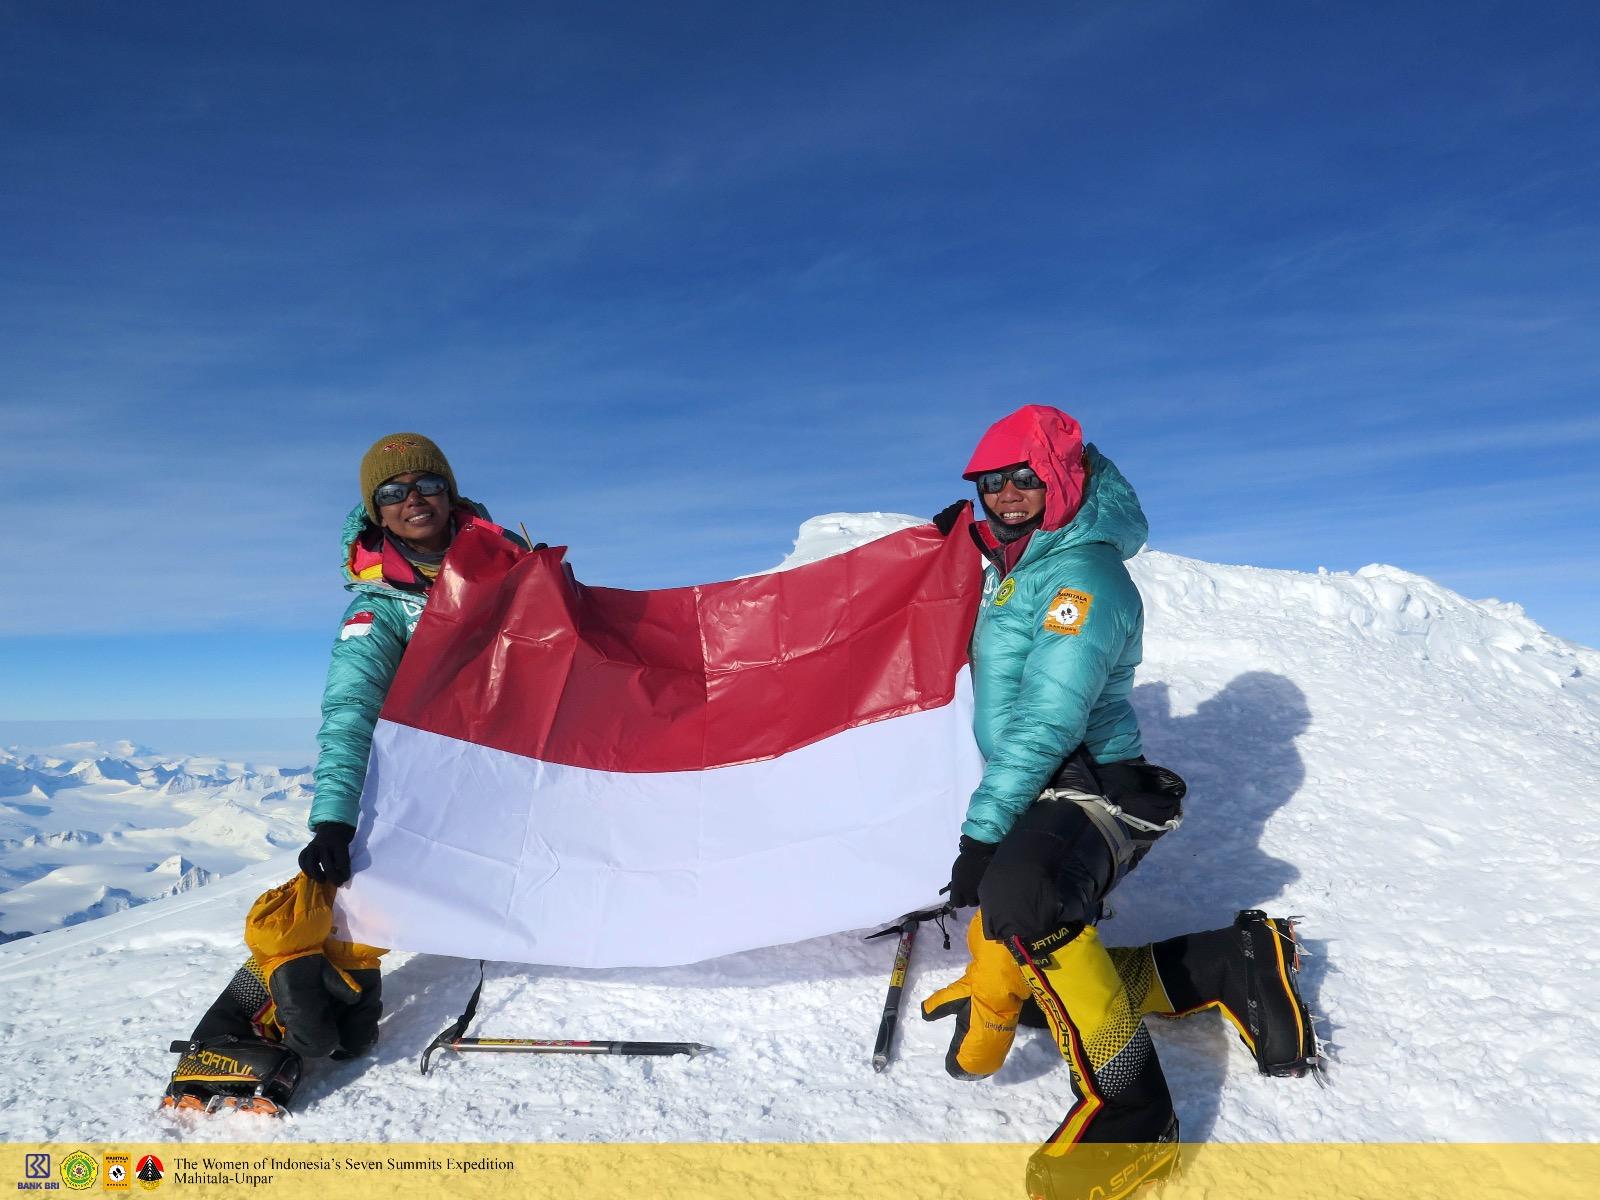 Merah Putih berkibar di Puncak Vinson Massif, Antartika (Foto: WISSEMU UNPAR)